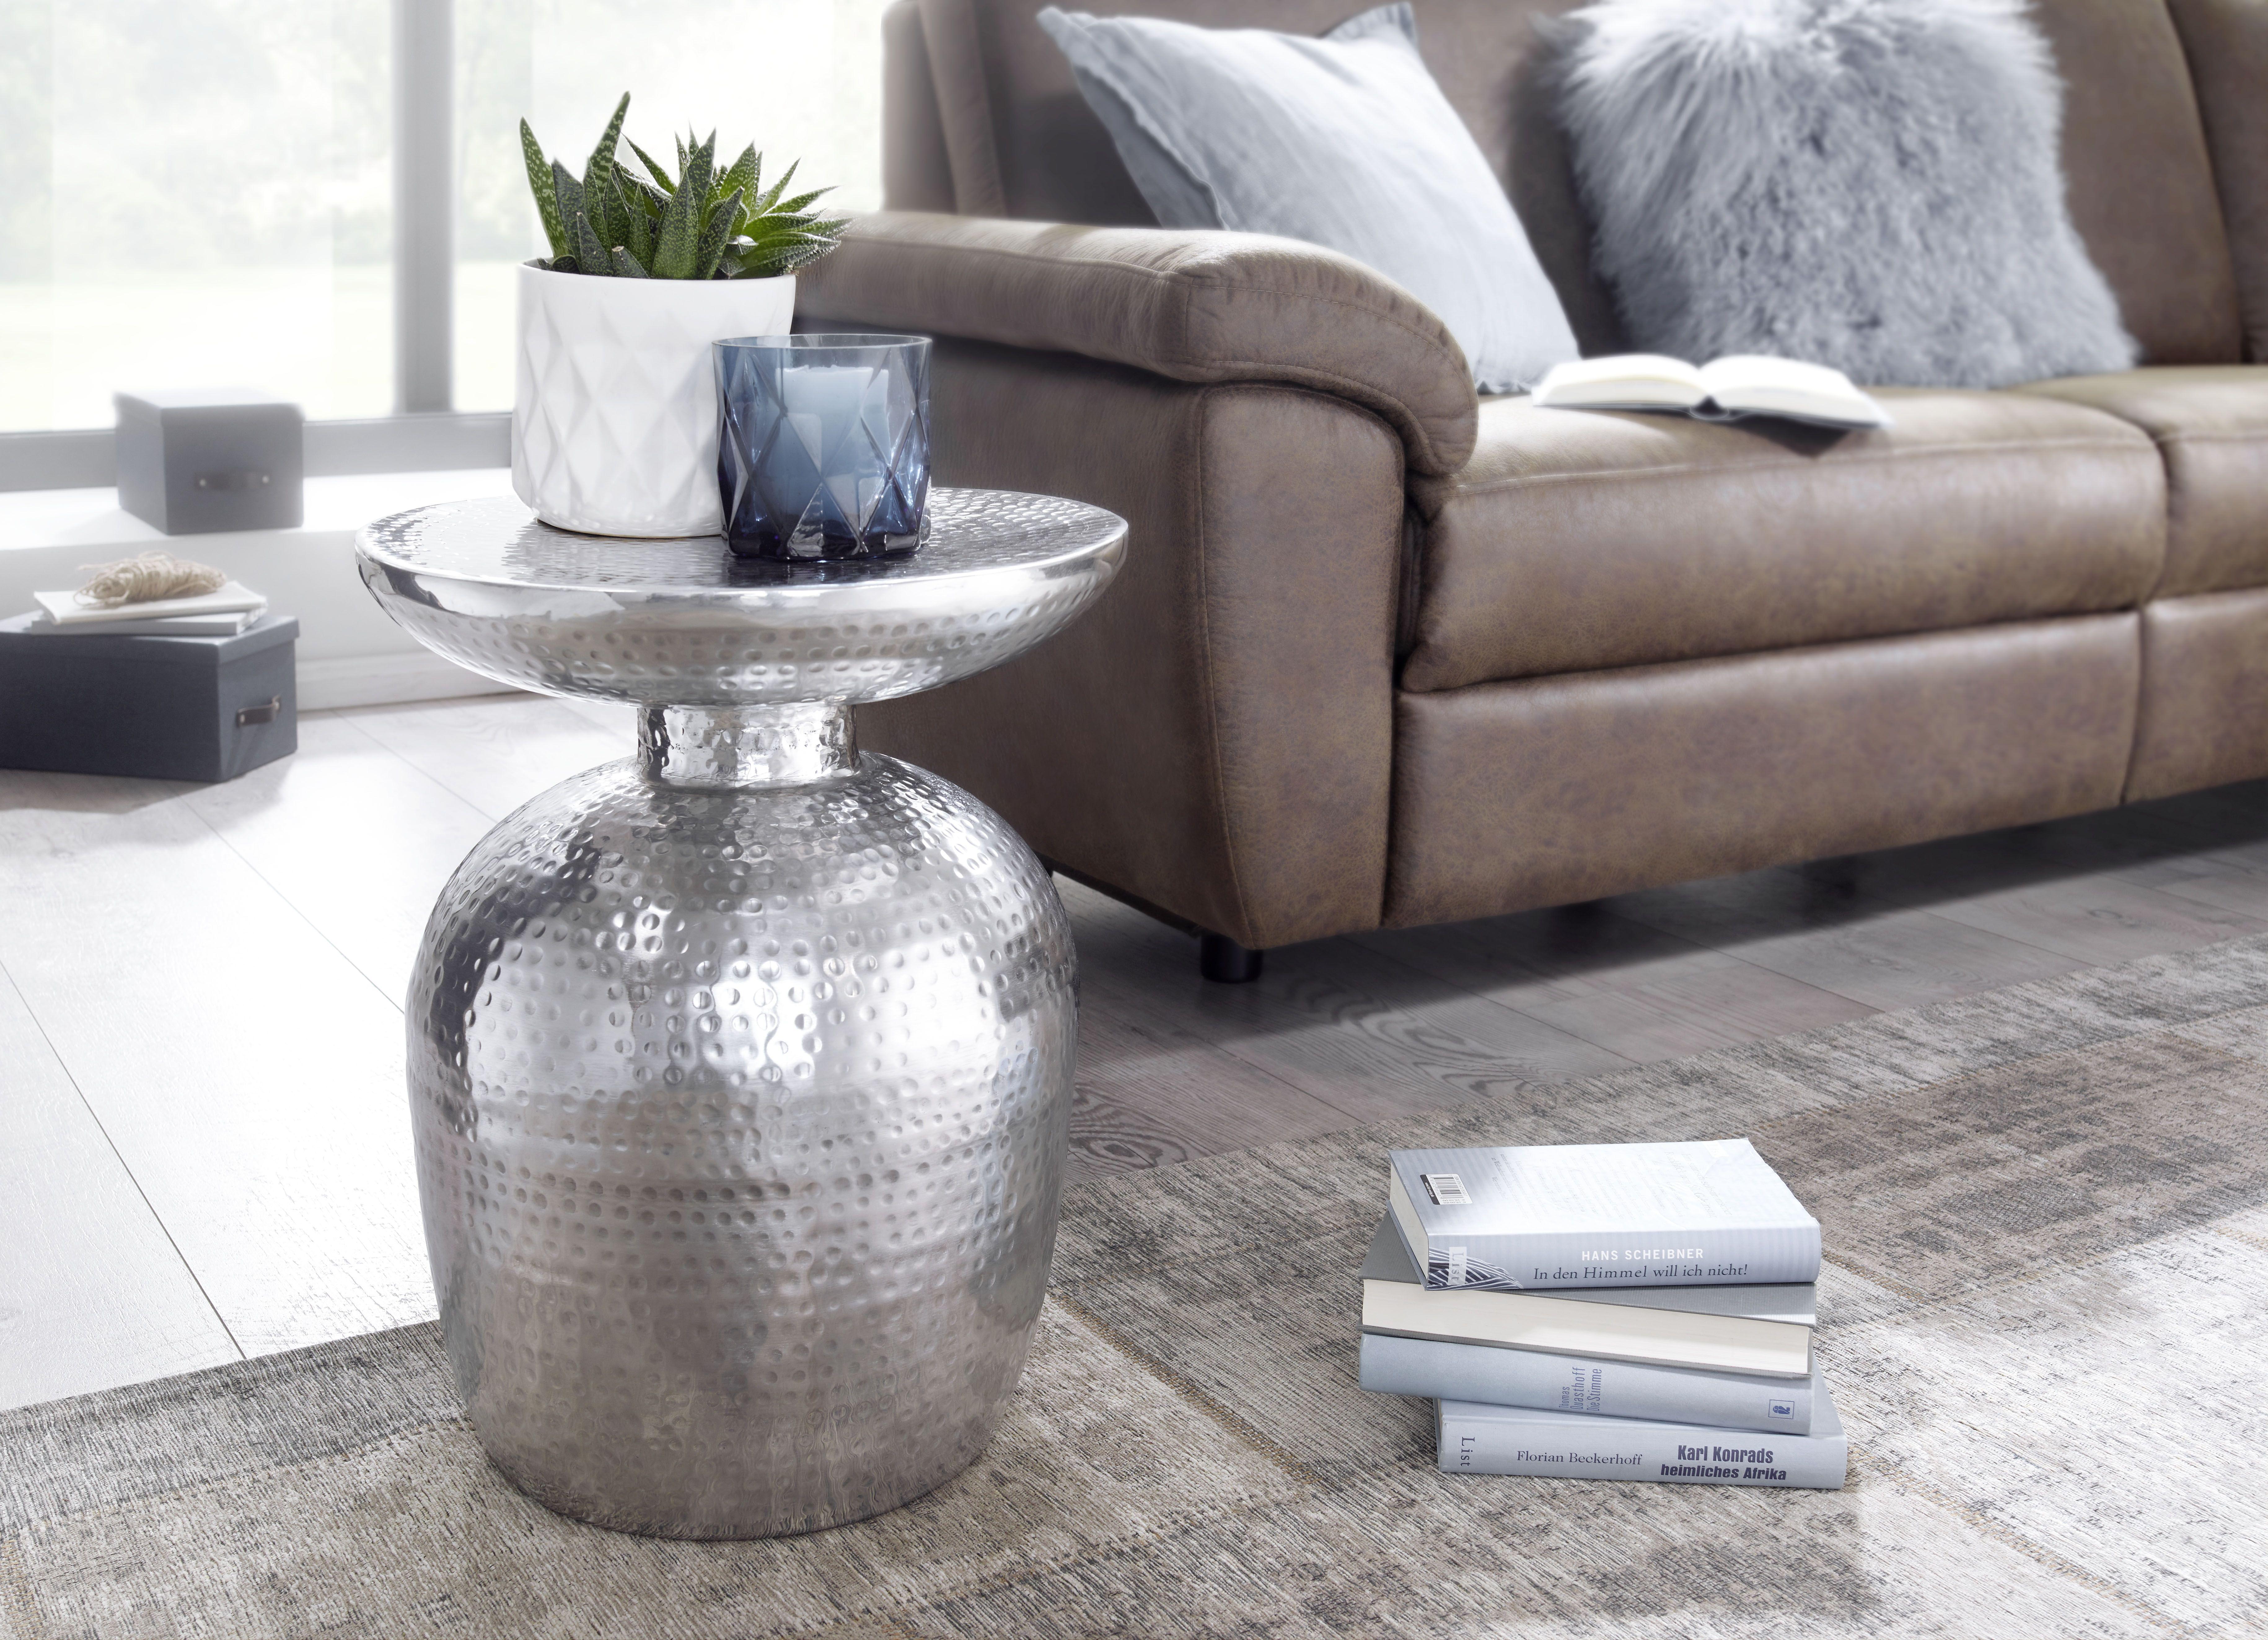 Silber Metall Blumentisch Ablage Vasenform Dekotisch Anstelltisch Kleiner Hammerschlag Abstelltisch Rund Orientalisch Beistelltisch Tisch Kleinmobel